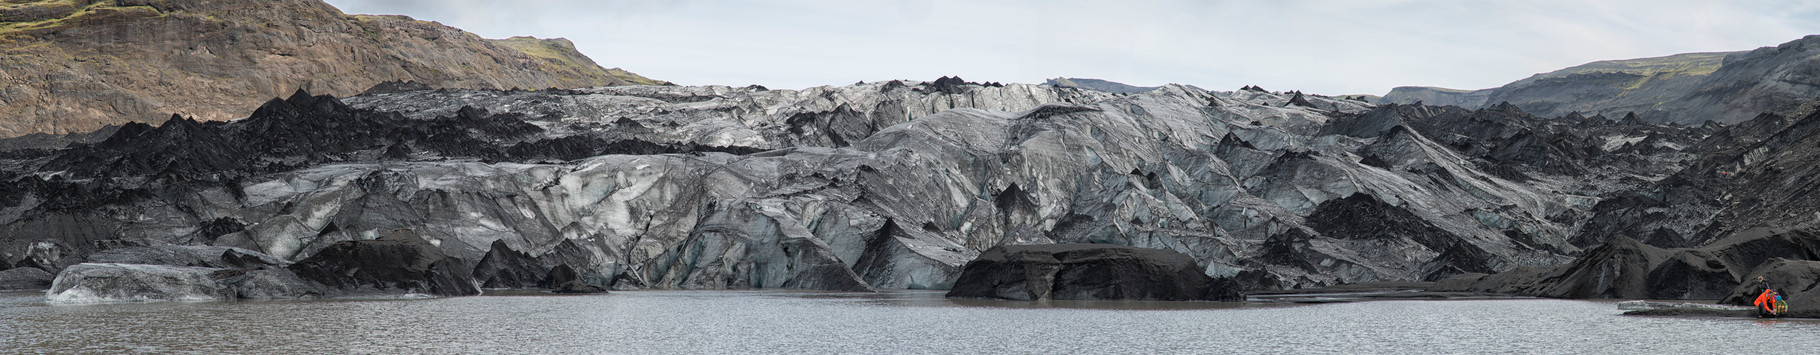 Sólheimajökull 3